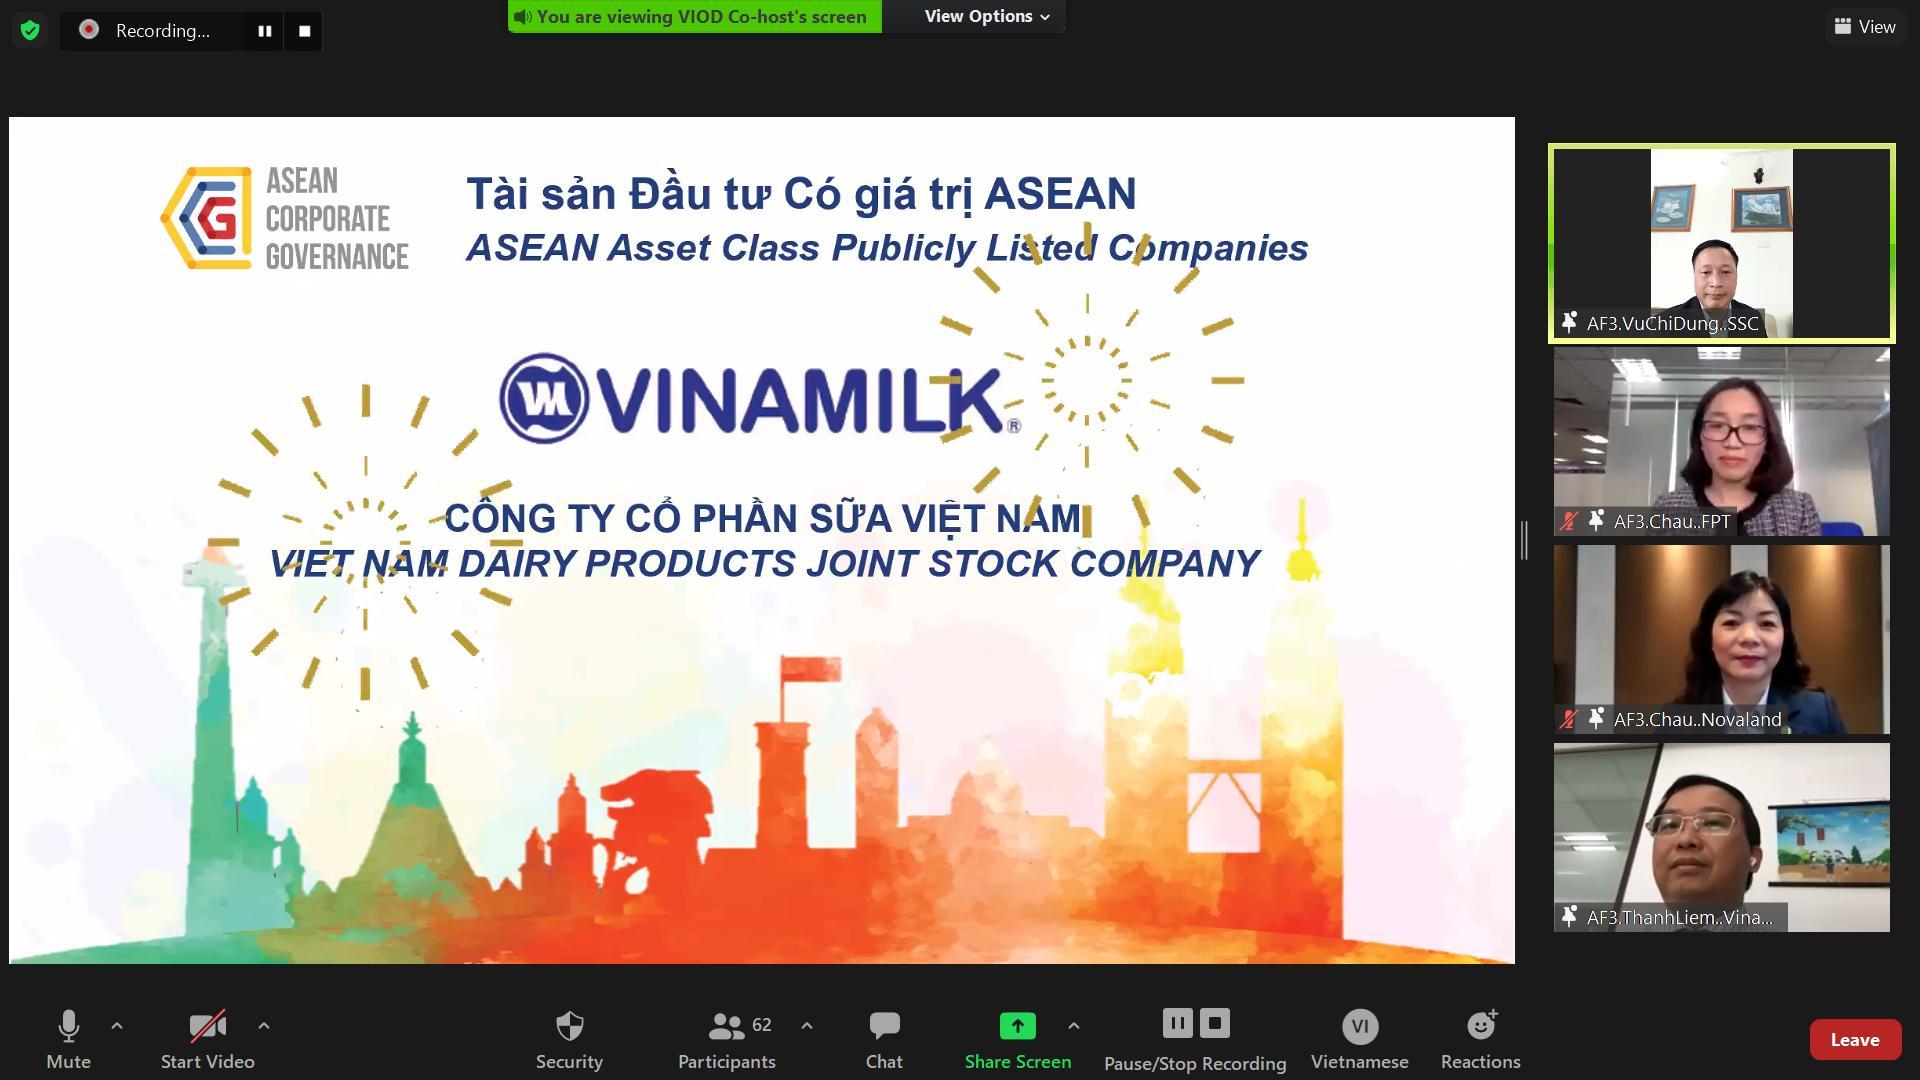 """Vinamilk - Doanh nghiệp đầu tiên và duy nhất của Việt Nam thuộc Top """"Tài sản đầu tư có giá trị của ASEAN"""" 1"""